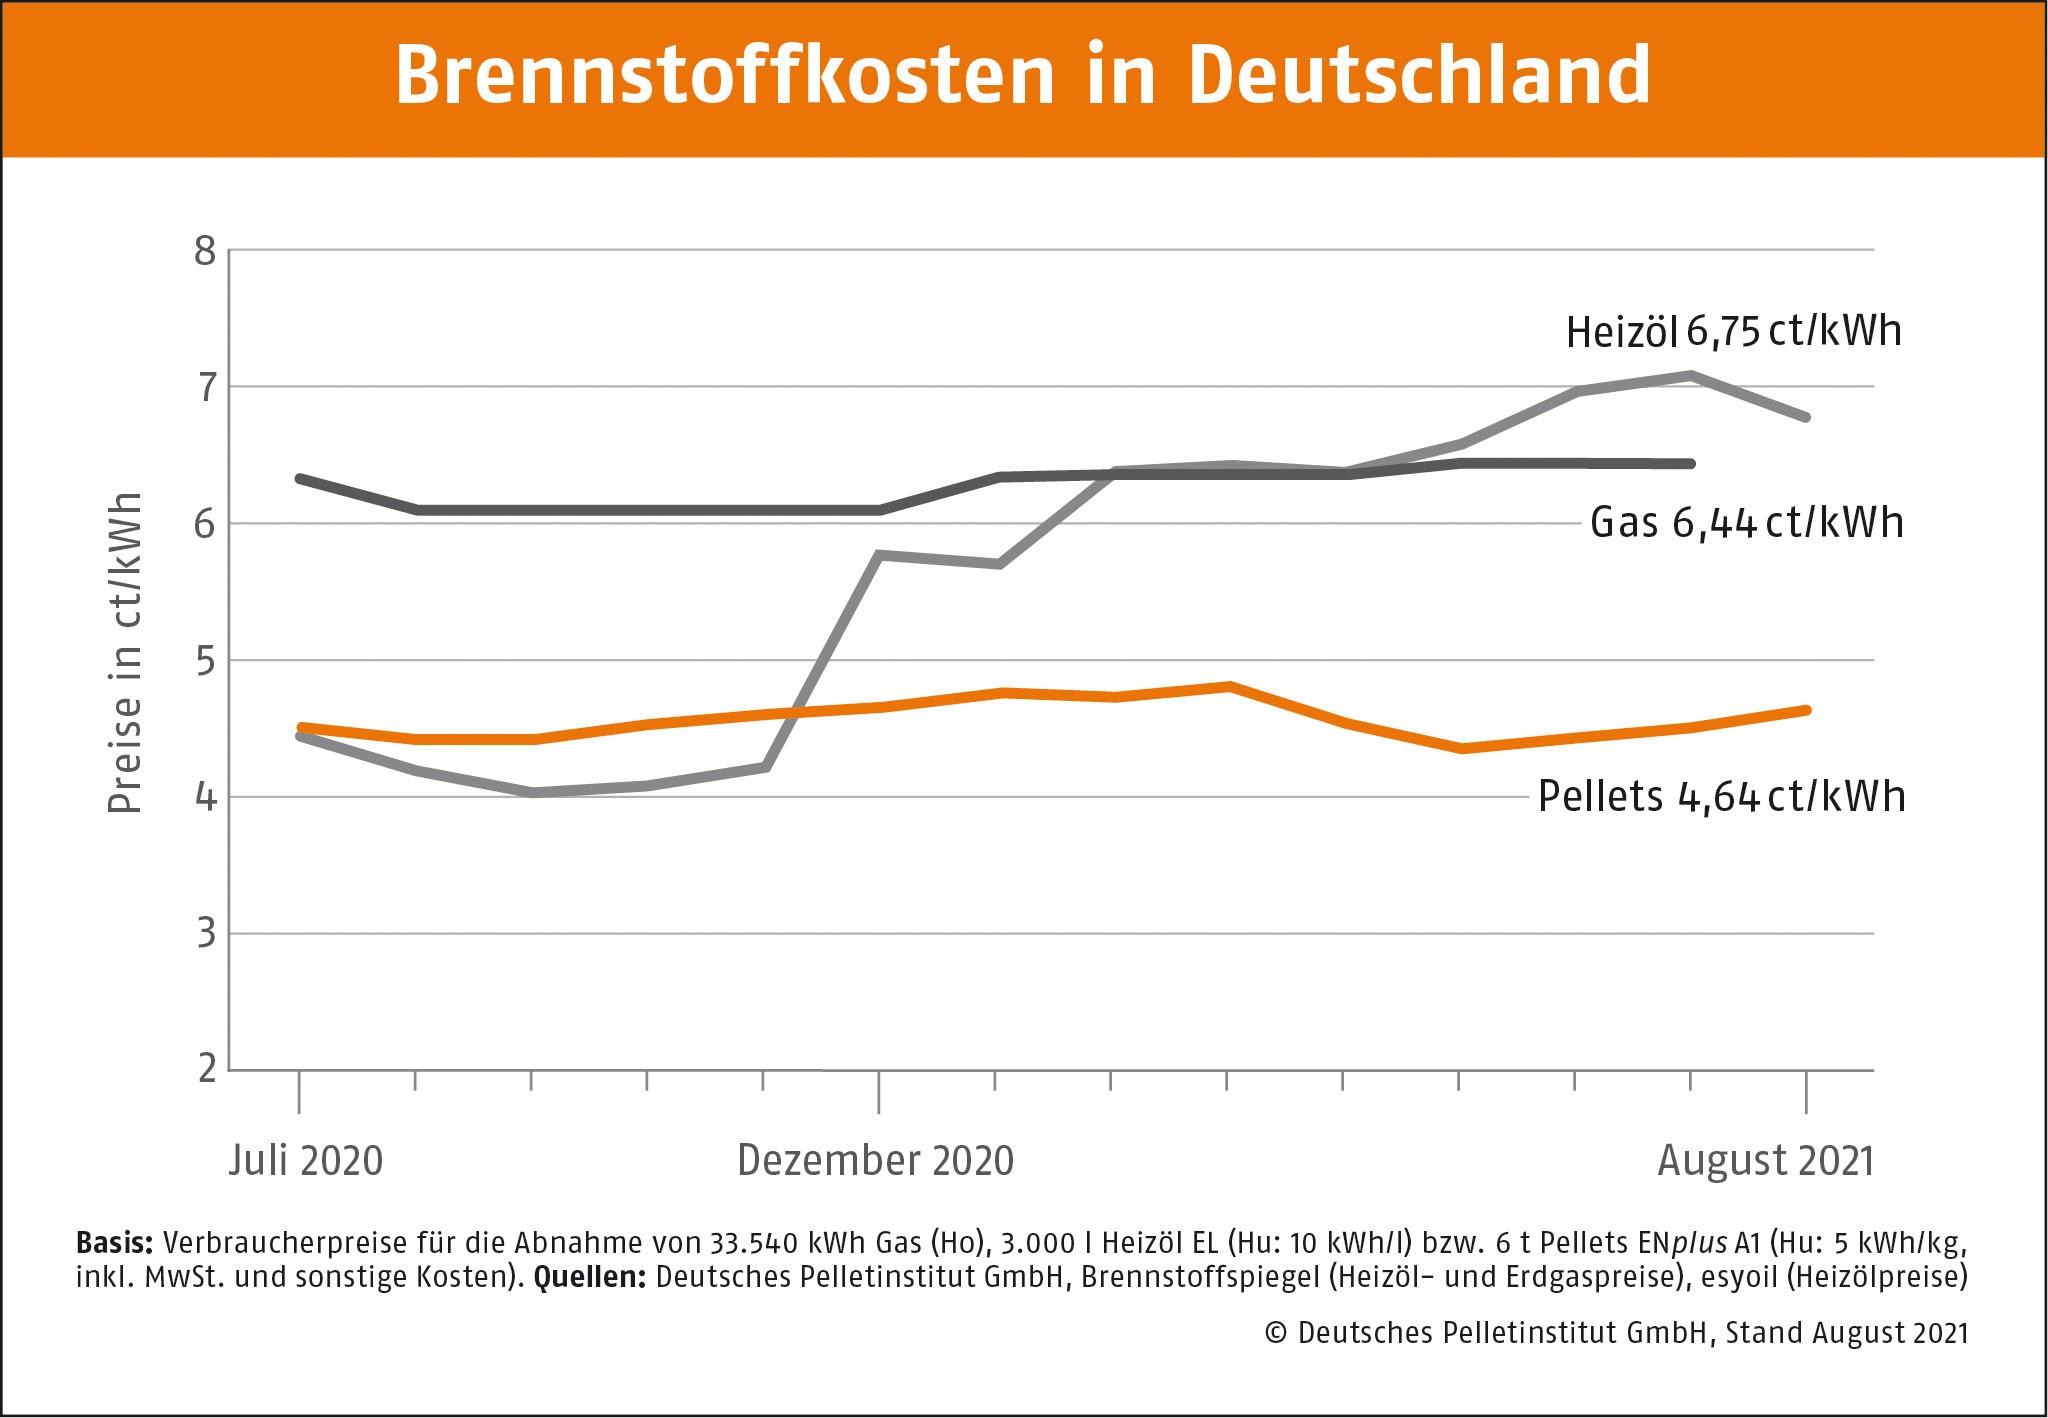 DEPI Brennstoffkosten in Deutschland August 2021